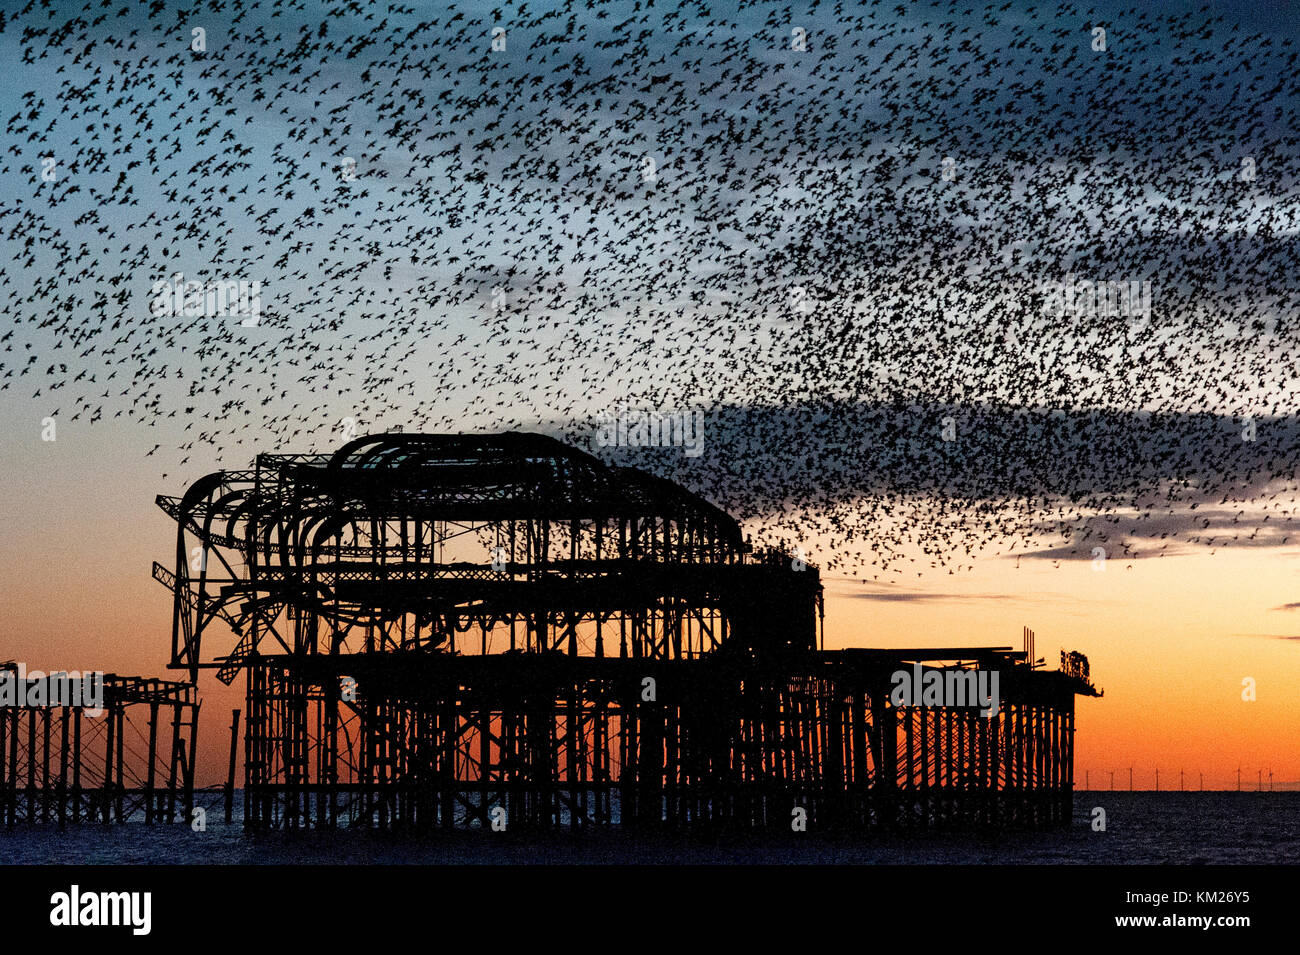 Murmuration sobre las ruinas del West Pier de Brighton, en la costa sur de Inglaterra. Una Bandada de estorninos arremete en masa unificada sobre el muelle al atardecer. Foto de stock